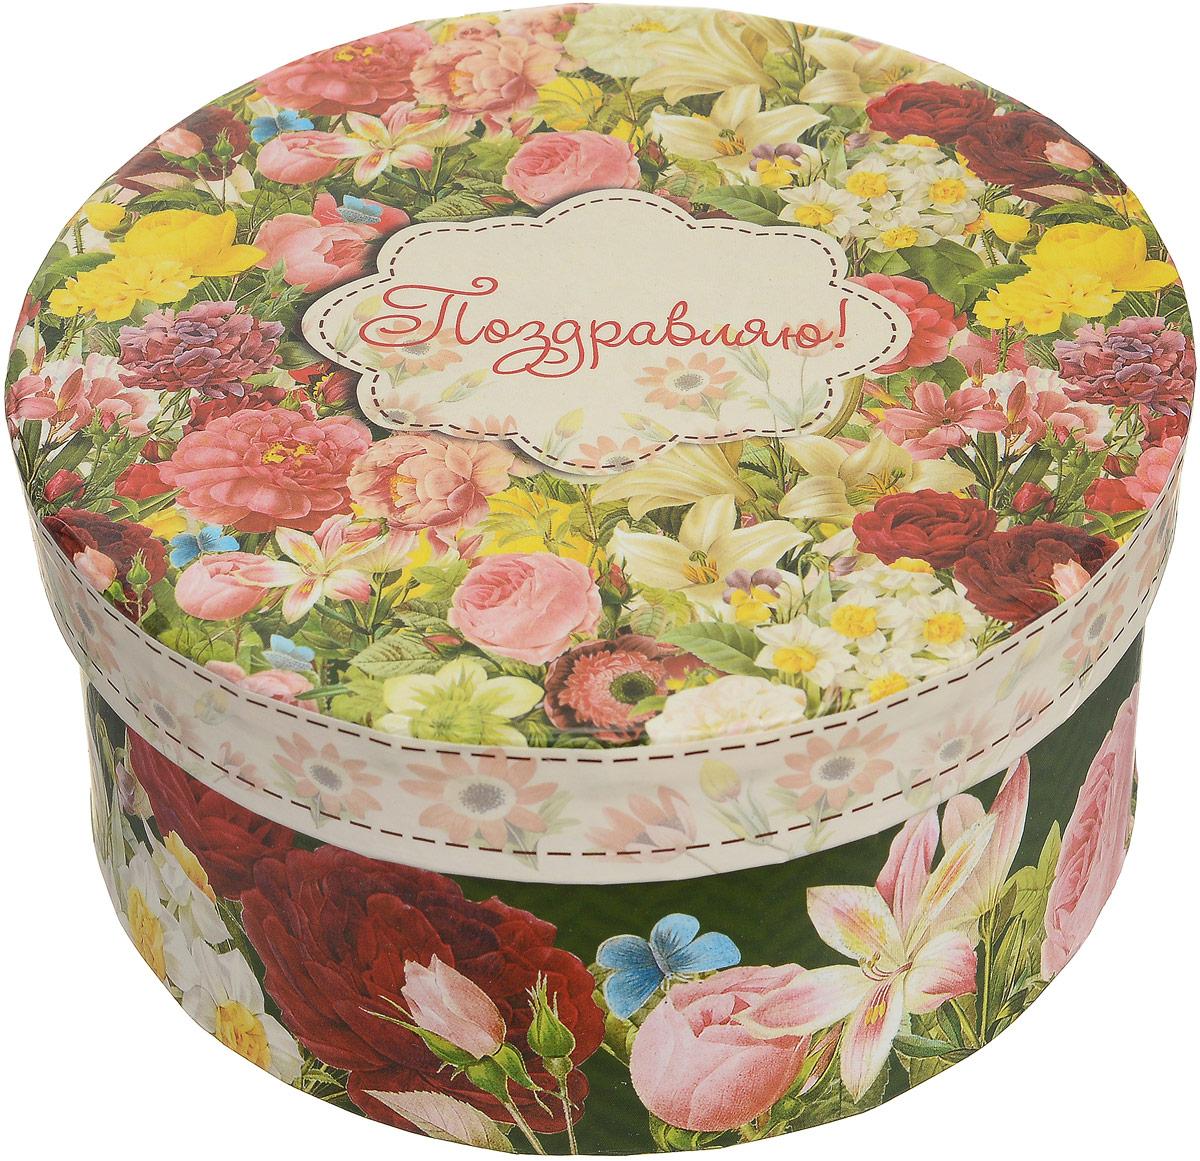 Коробка подарочная Magic Home Райский сад, круглая, 14 х 14 х 7 см44289Подарочная коробка Magic Home Райский сад, выполнена из мелованного ламинированного картона. Коробочка оформлена красивым цветочным рисунком. Изделие имеет круглую форму и закрывается крышкой с надписью Поздравляю!. Подарочная коробка - это наилучшее решение, если вы хотите порадовать близких и создать праздничное настроение, ведь подарок, преподнесенный в оригинальной упаковке, всегда будет самым эффектным и запоминающимся. Окружите близких людей вниманием и заботой, вручив презент в нарядном, праздничном оформлении.Плотность картона: 1100 г/м2.